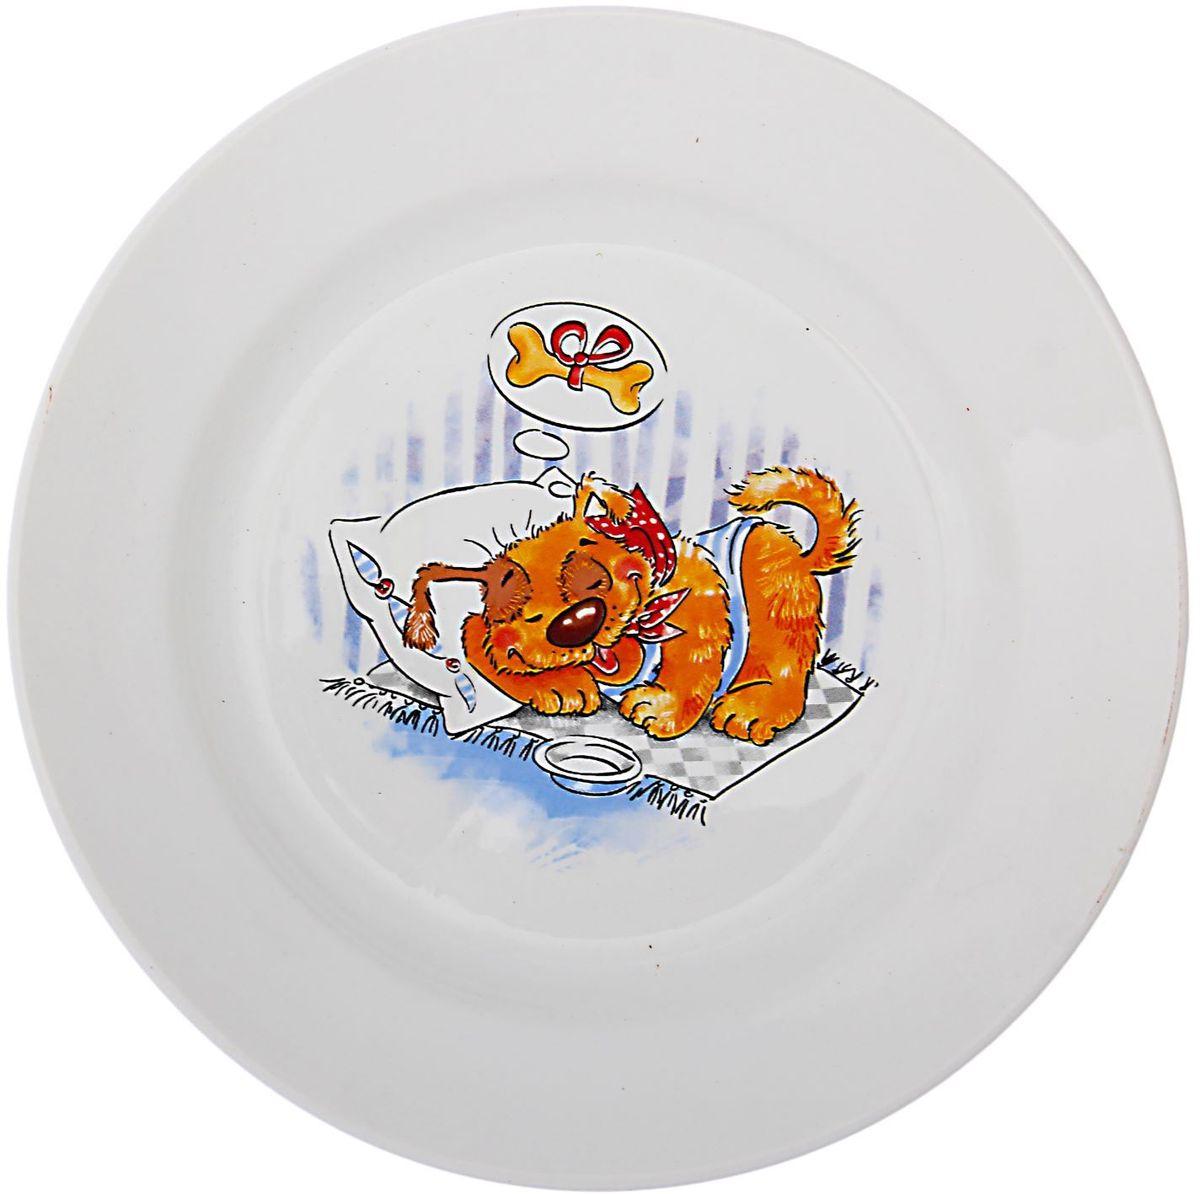 Кубаньфарфор Тарелка детская Дружок1494994Фаянсовая детская посуда с забавным рисунком понравится каждому малышу. Изделие из качественного материала станет правильным выбором для повседневной эксплуатации и поможет превратить каждый прием пищи в радостное приключение.Особенности:- простота мойки,- стойкость к запахам,- насыщенный цвет.